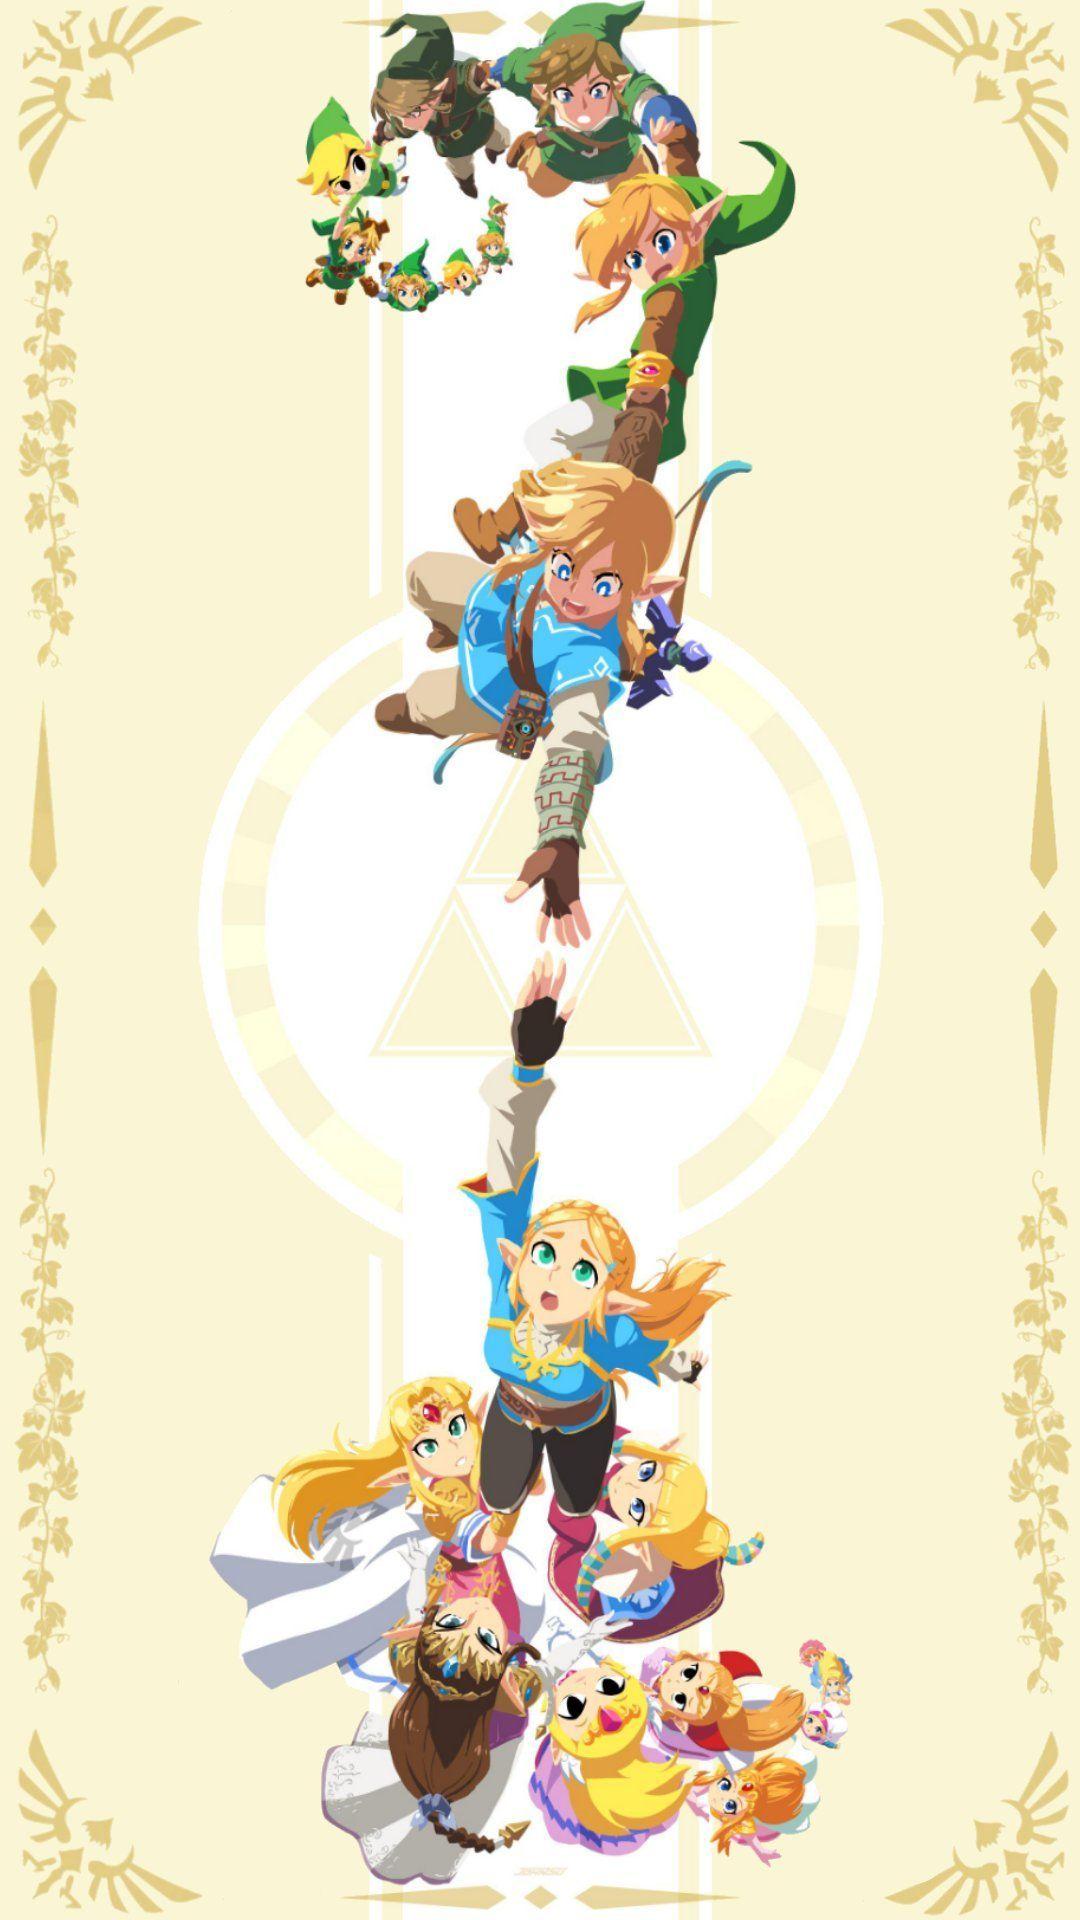 Wallpaper Zelda Android Wallpaper Zelda En 2020 Jeux Dessin Zelda Jeux Dessin Jeux Video